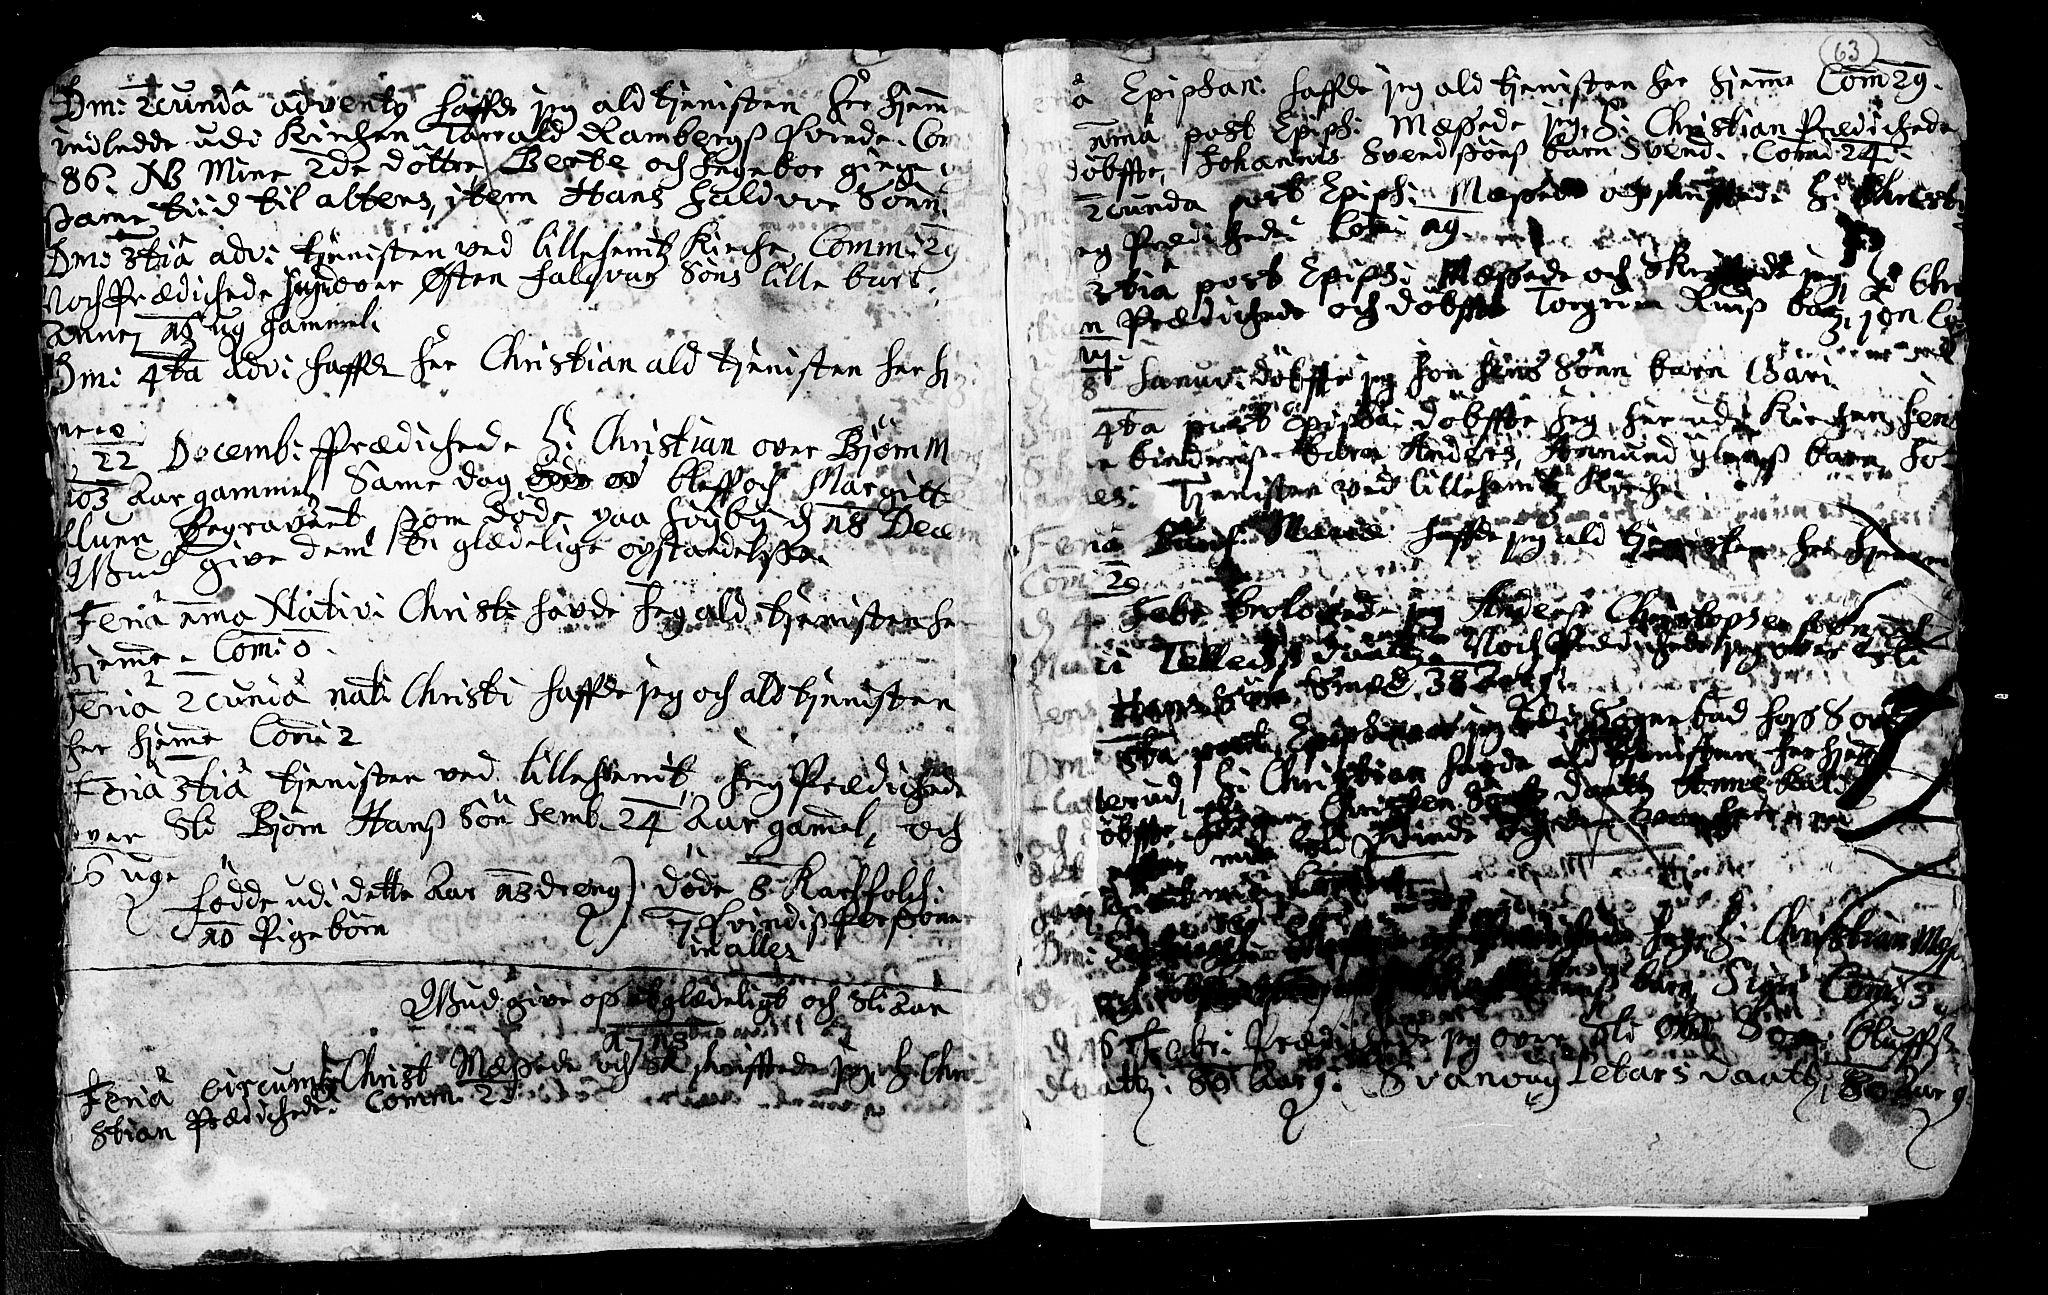 SAKO, Heddal kirkebøker, F/Fa/L0002: Ministerialbok nr. I 2, 1699-1722, s. 63